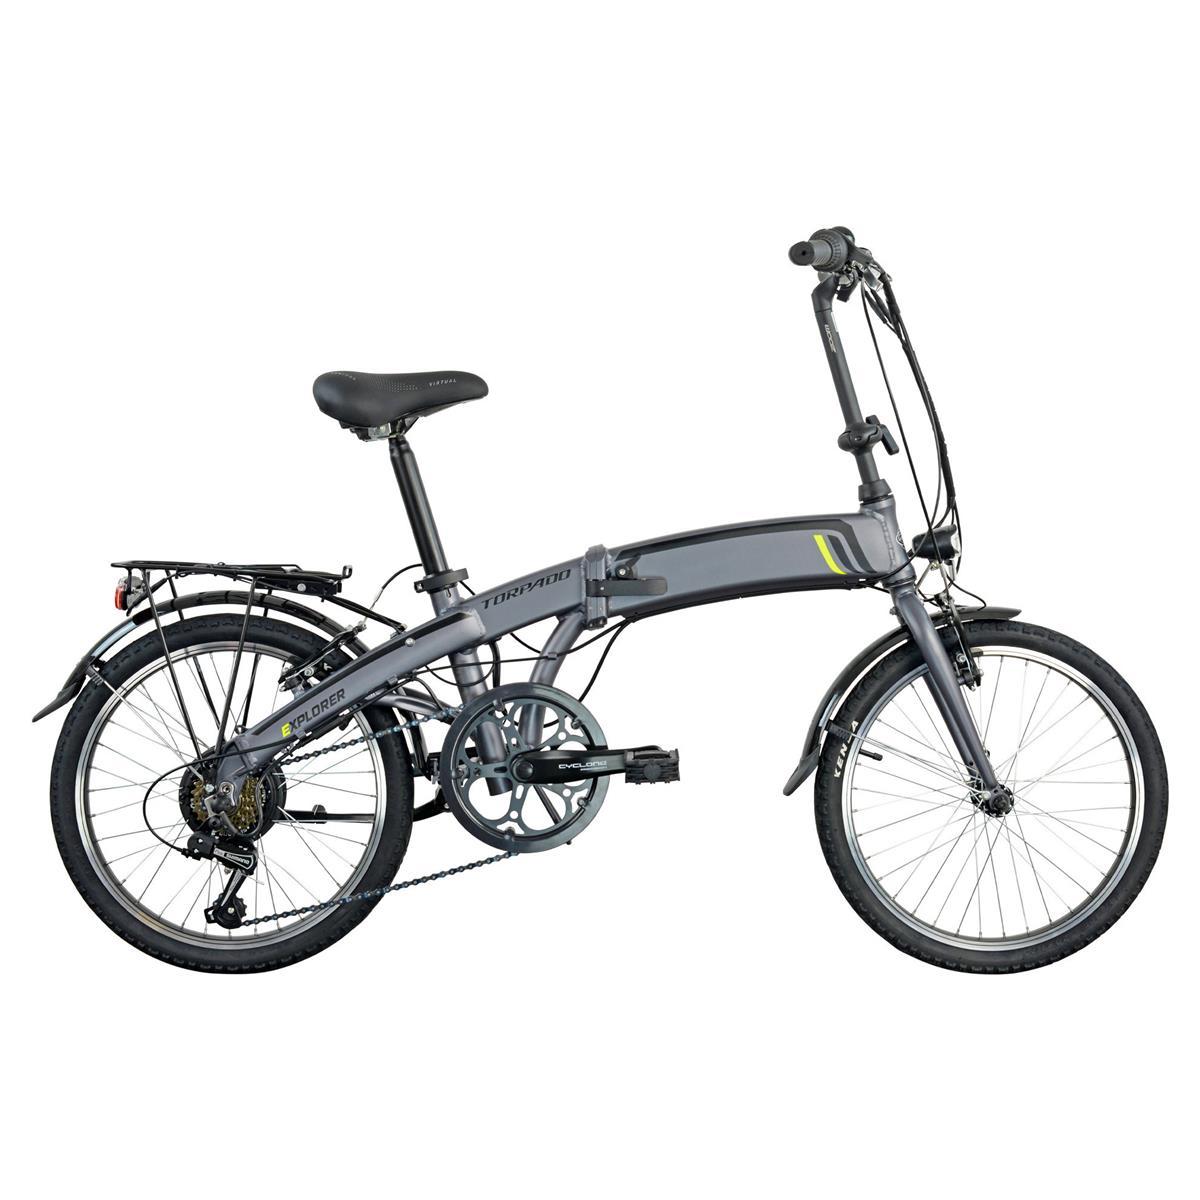 Bici Elettrica Pieghevole T350 Explorer 20'' 6v 374Wh Bafang Nero 2021